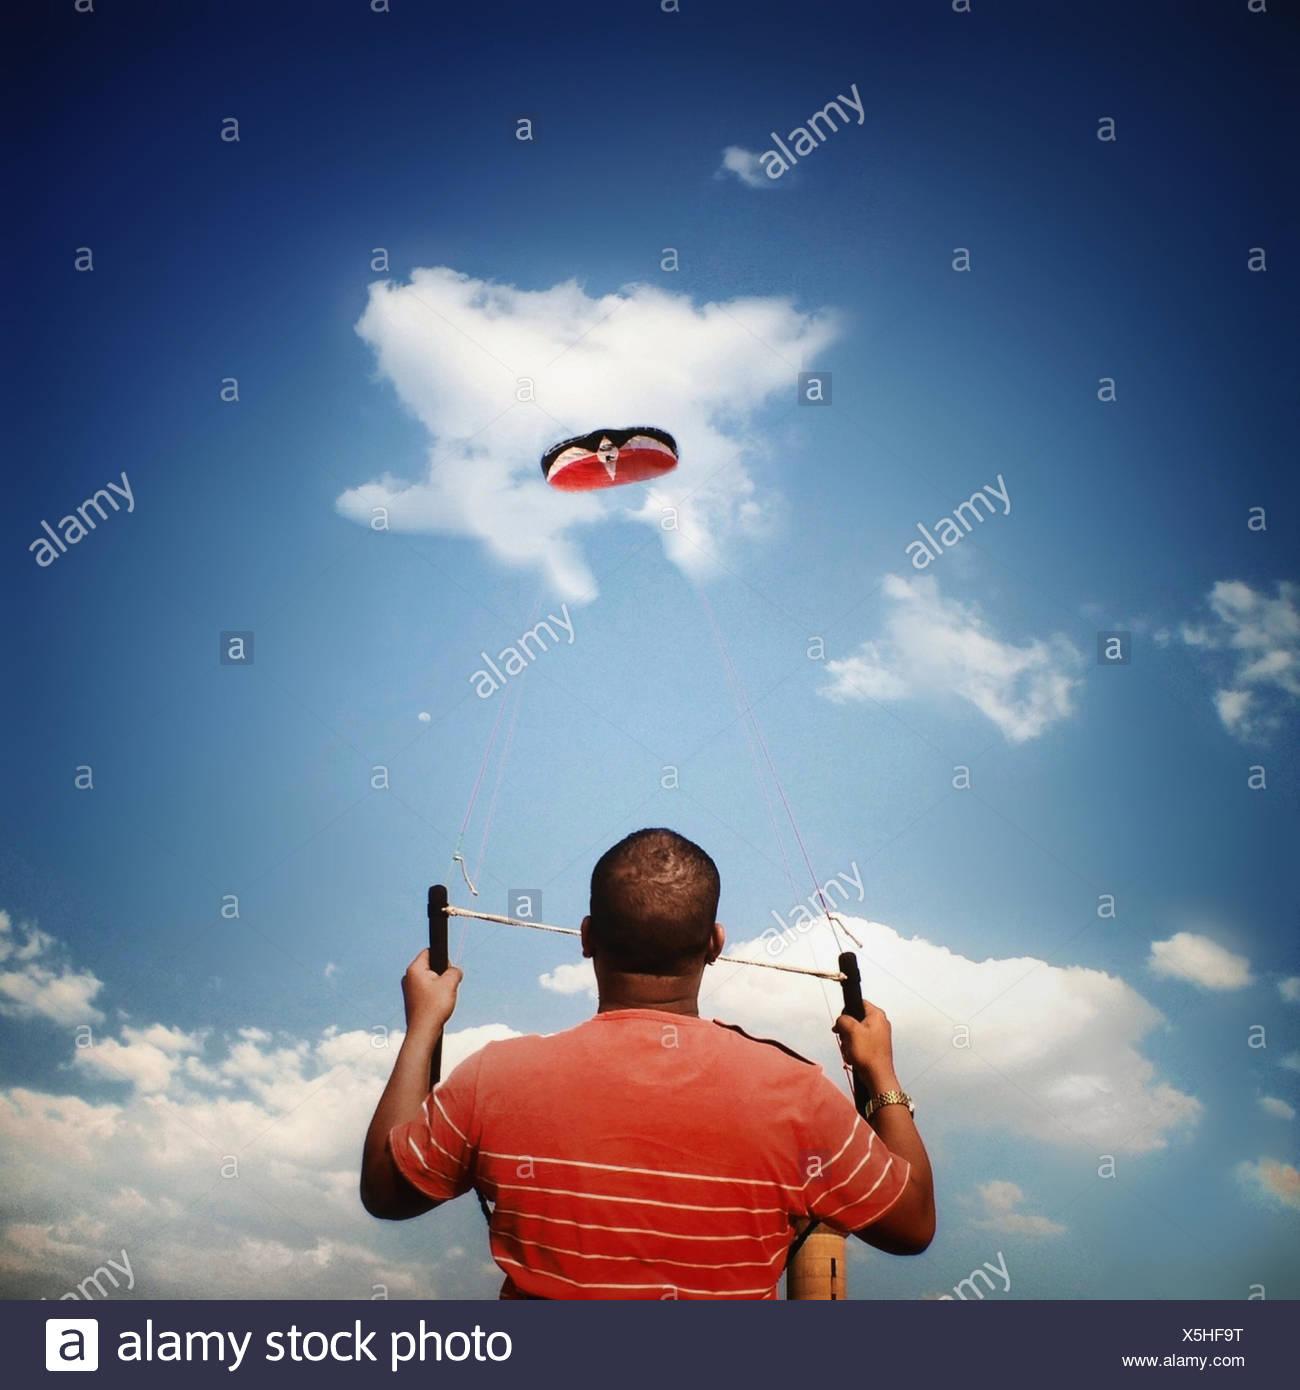 Man flying kite - Stock Image